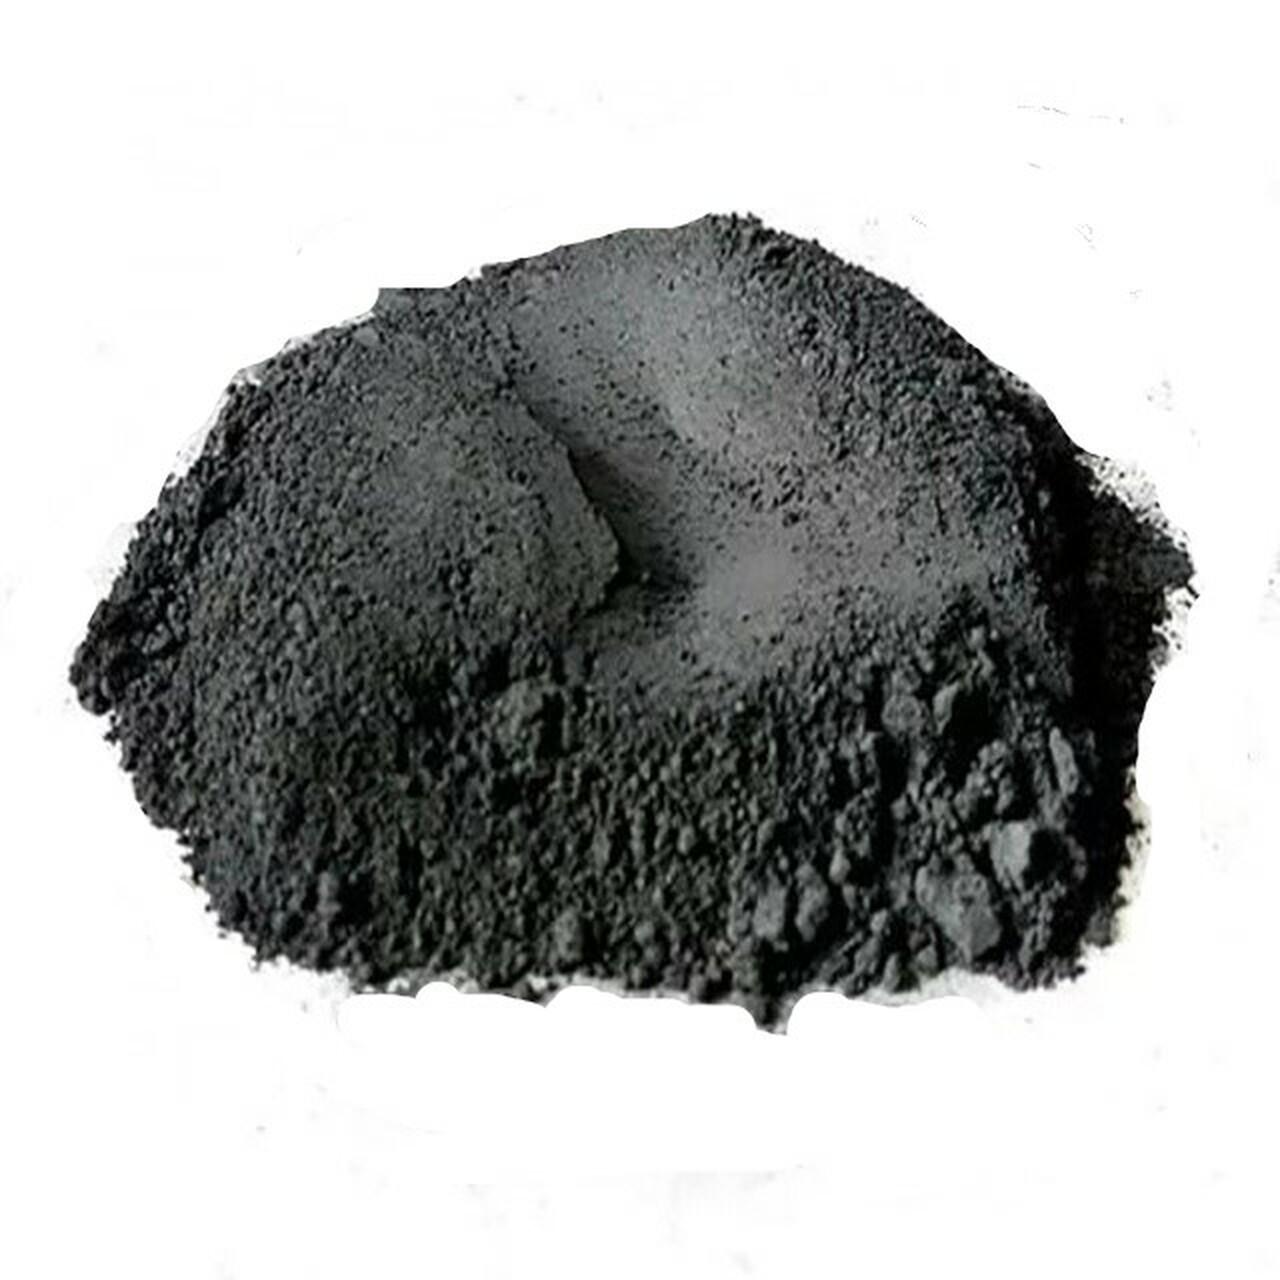 ثنائي كبريتيد الموليبدينوم Molybdenum Disulfide  MoS2